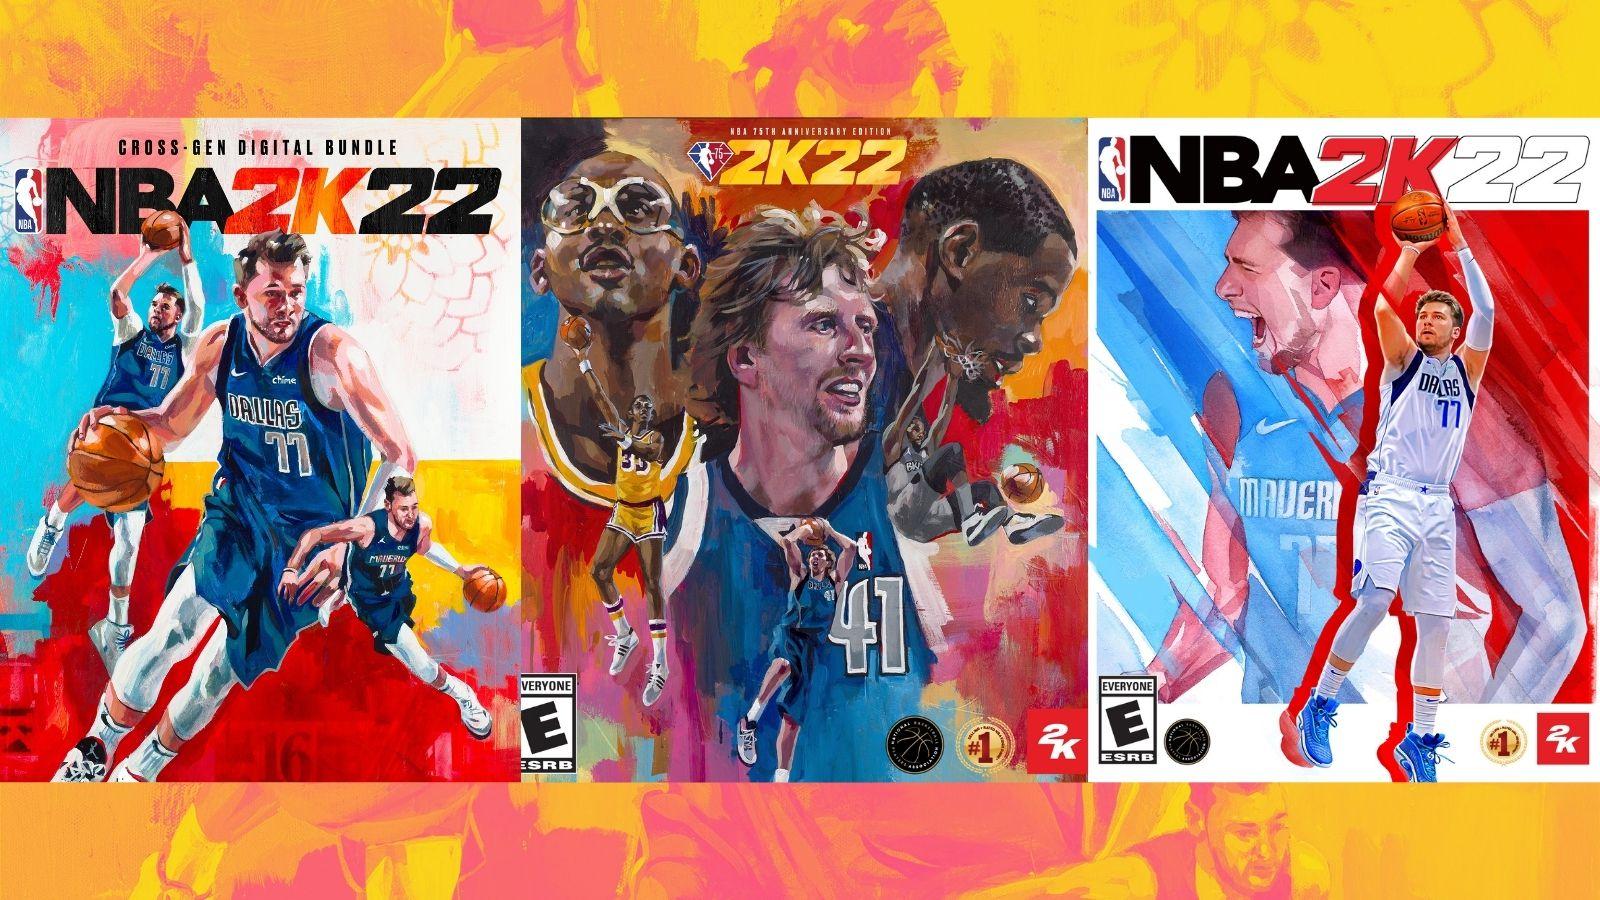 Luka & Dirk Get Cover Of NBA 2K22